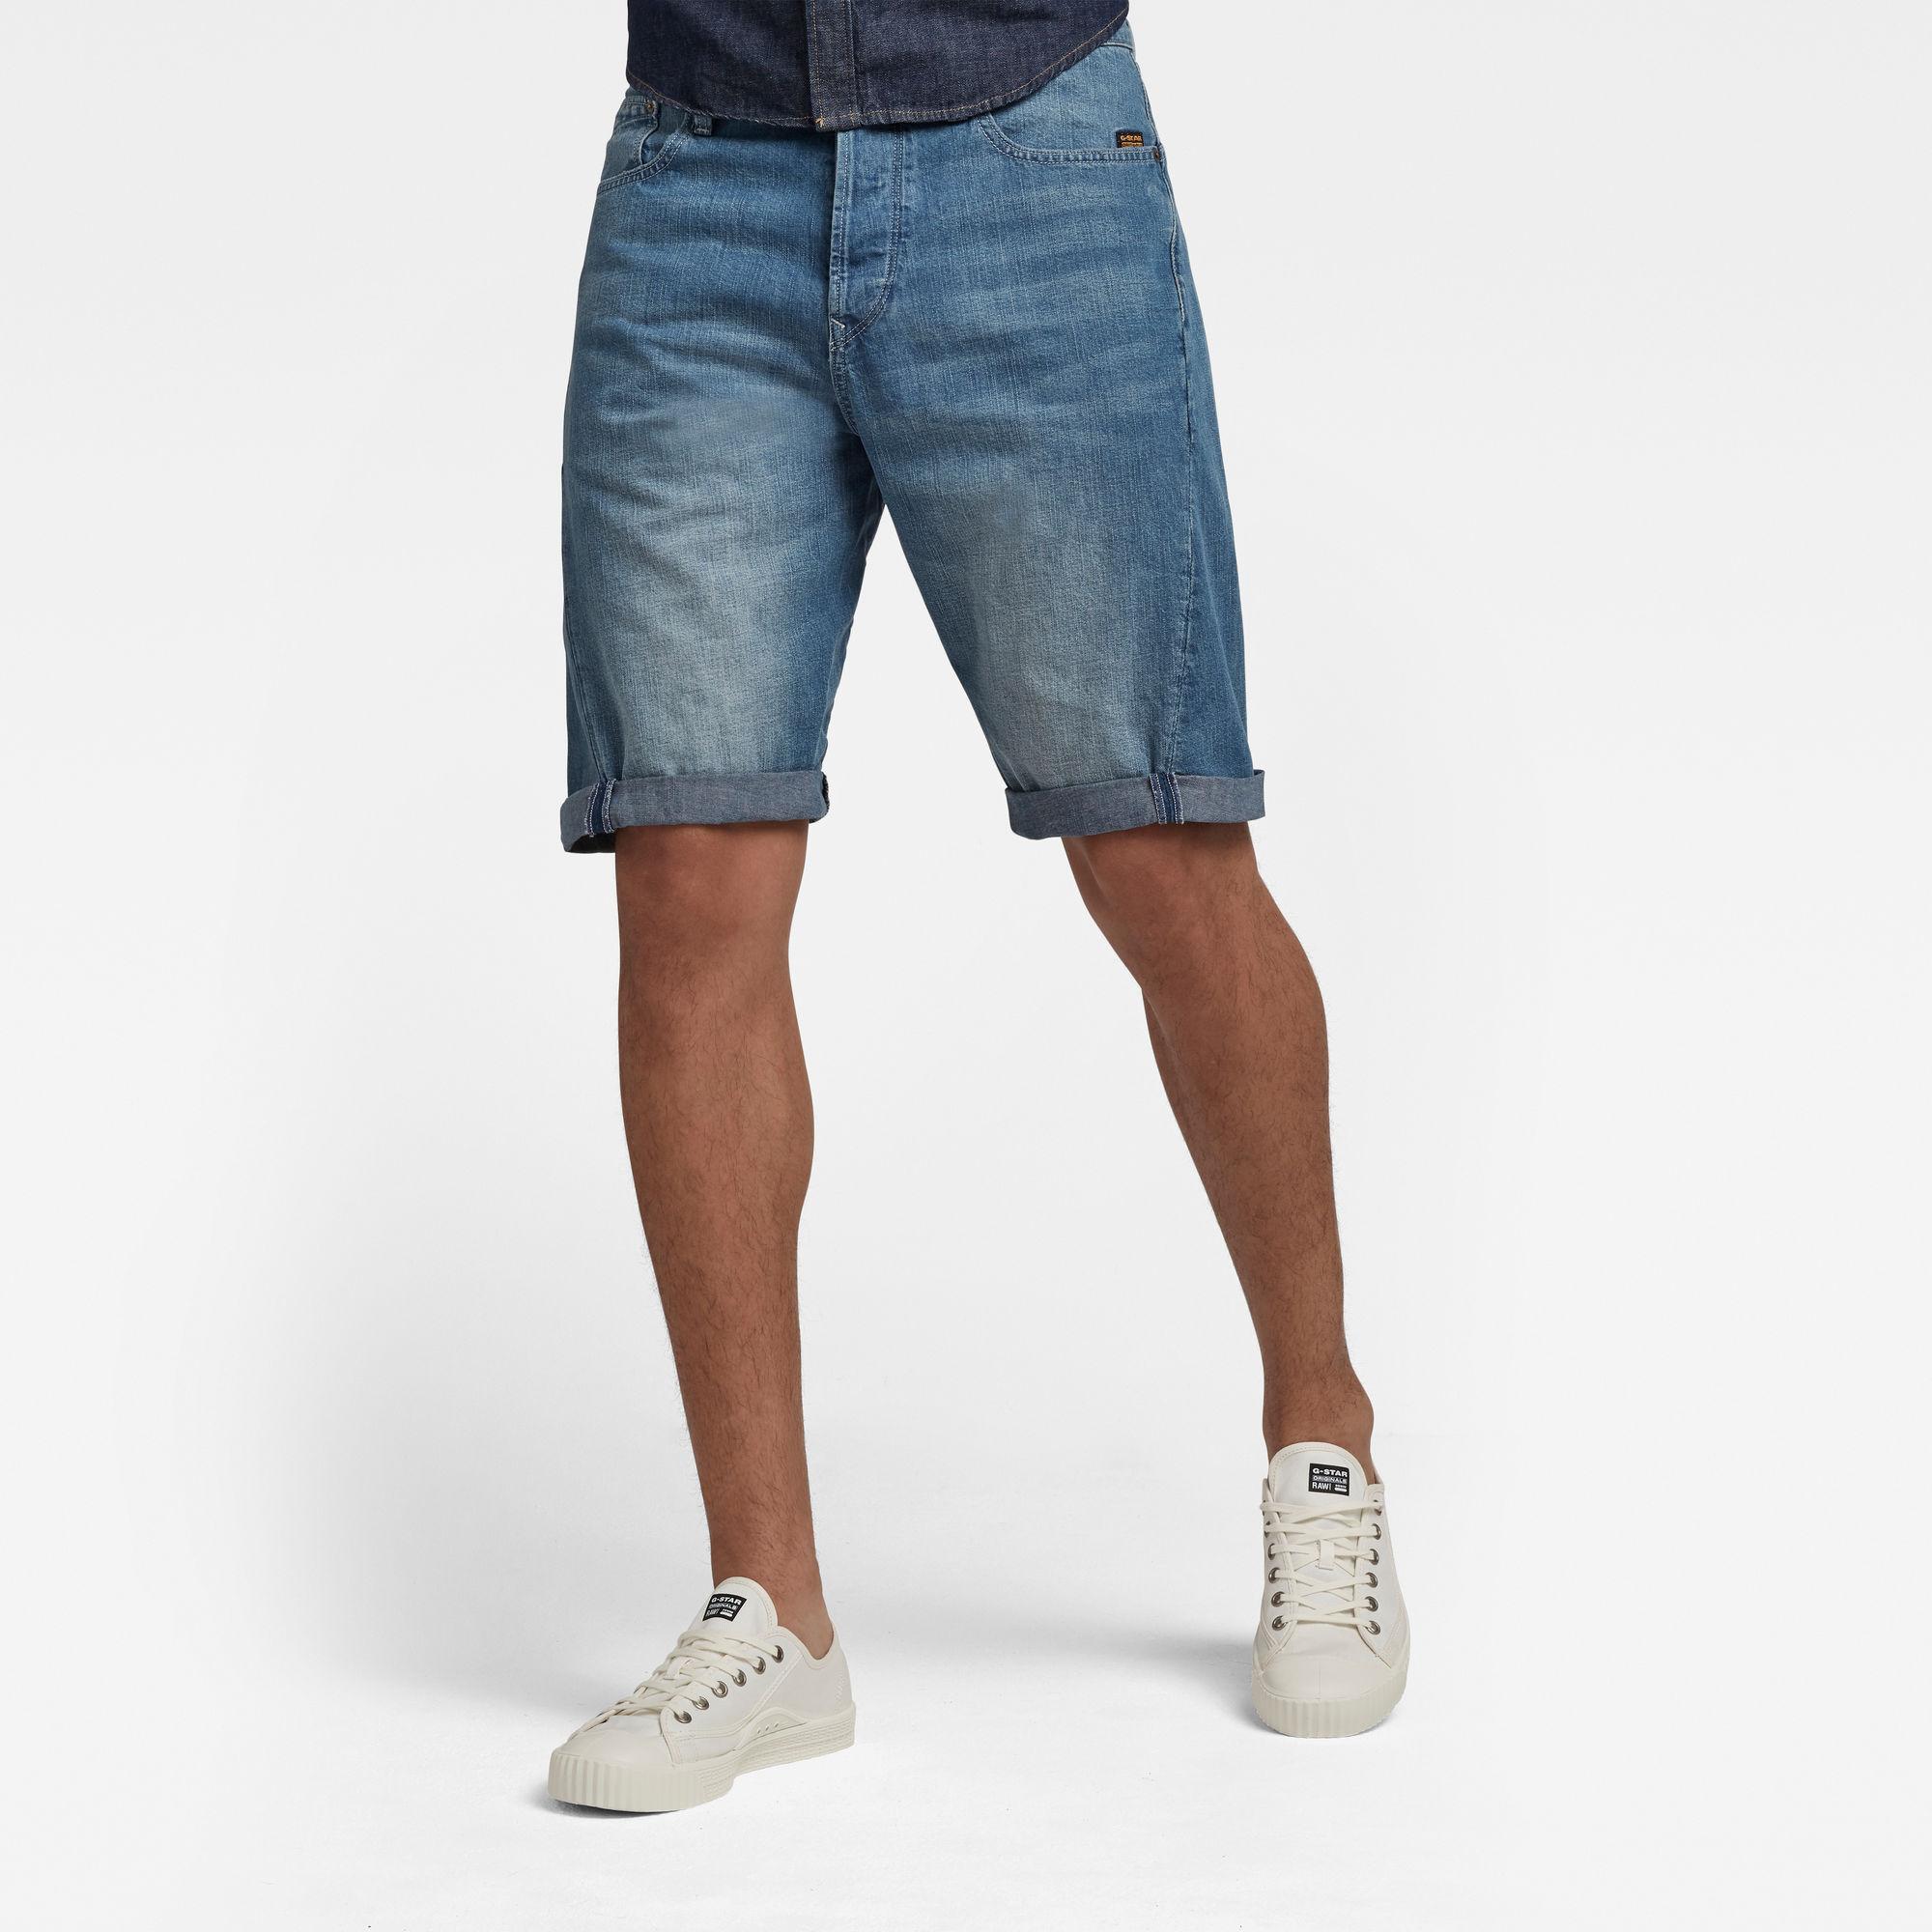 G-Star RAW Heren Scutar 3D Short Blauw